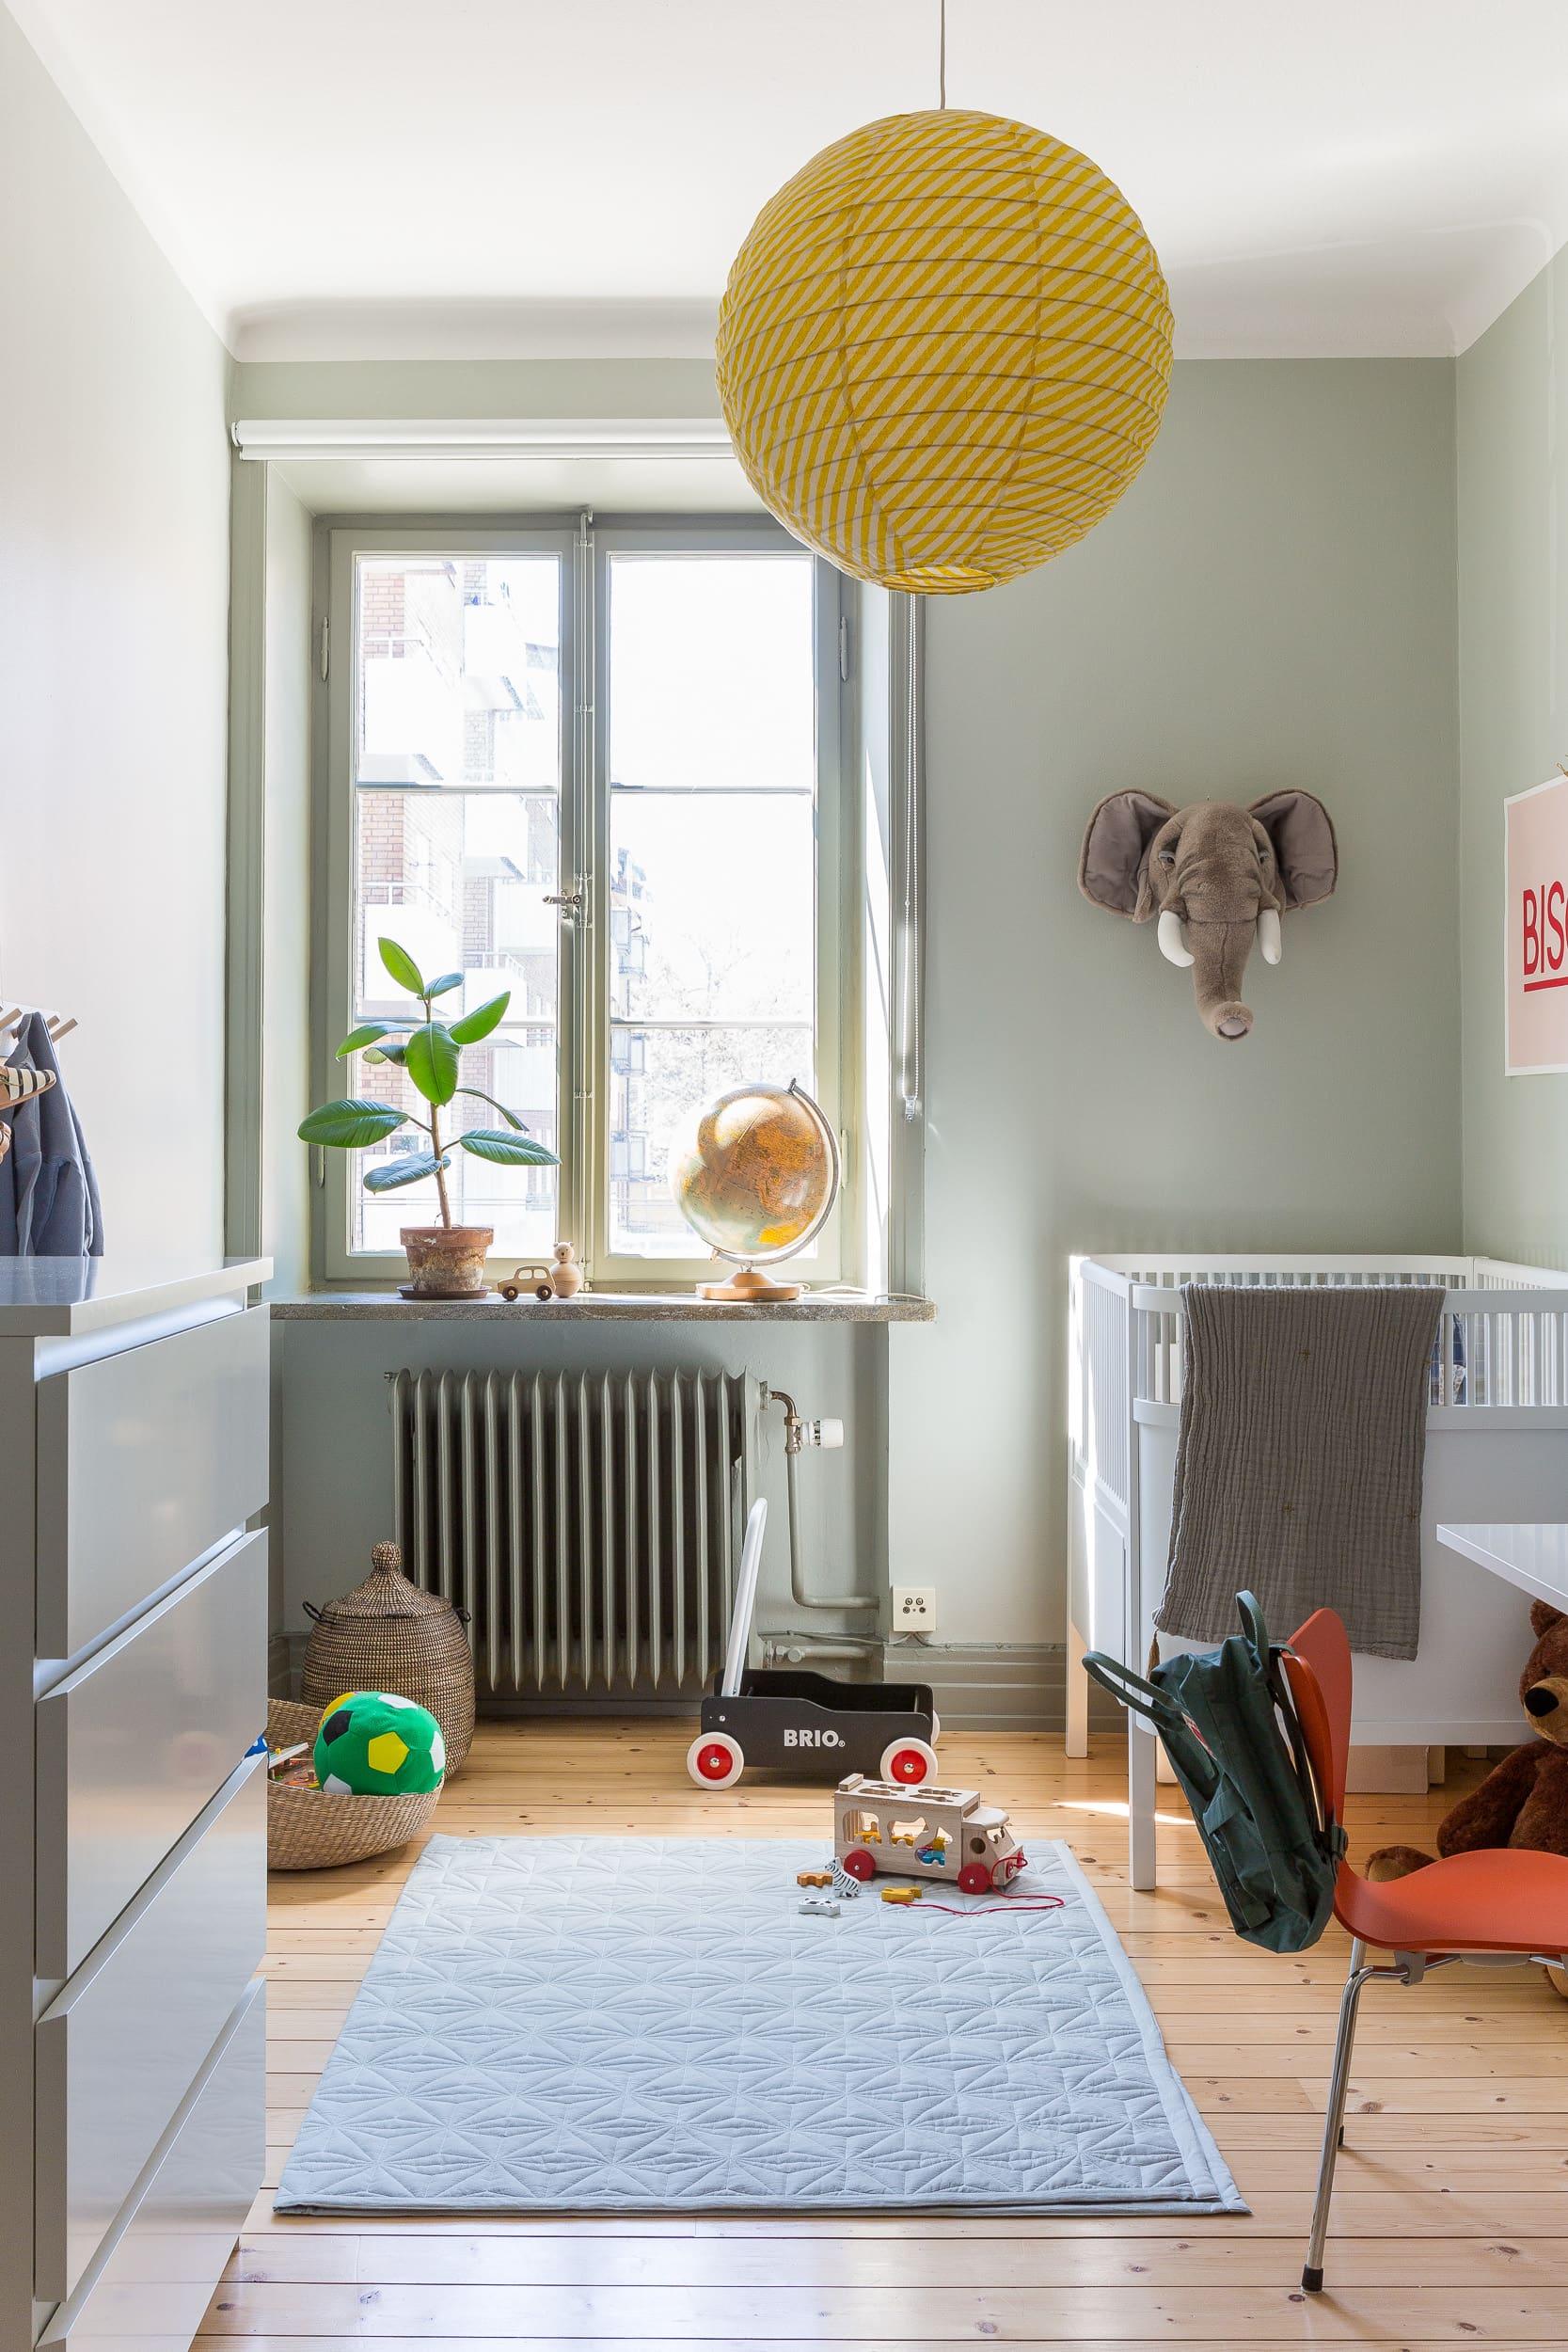 Julius rum har väggfärgen Restful Le Havre från Nordsjö, Lister, fönster och element valde paret att måla en nyans mörkare, med Dusky le Havre från Nordsjö.Taklampa Afroart, säng Sebra, lekmatta Cam Cam, elefanthuvud på väggen Brigbys.